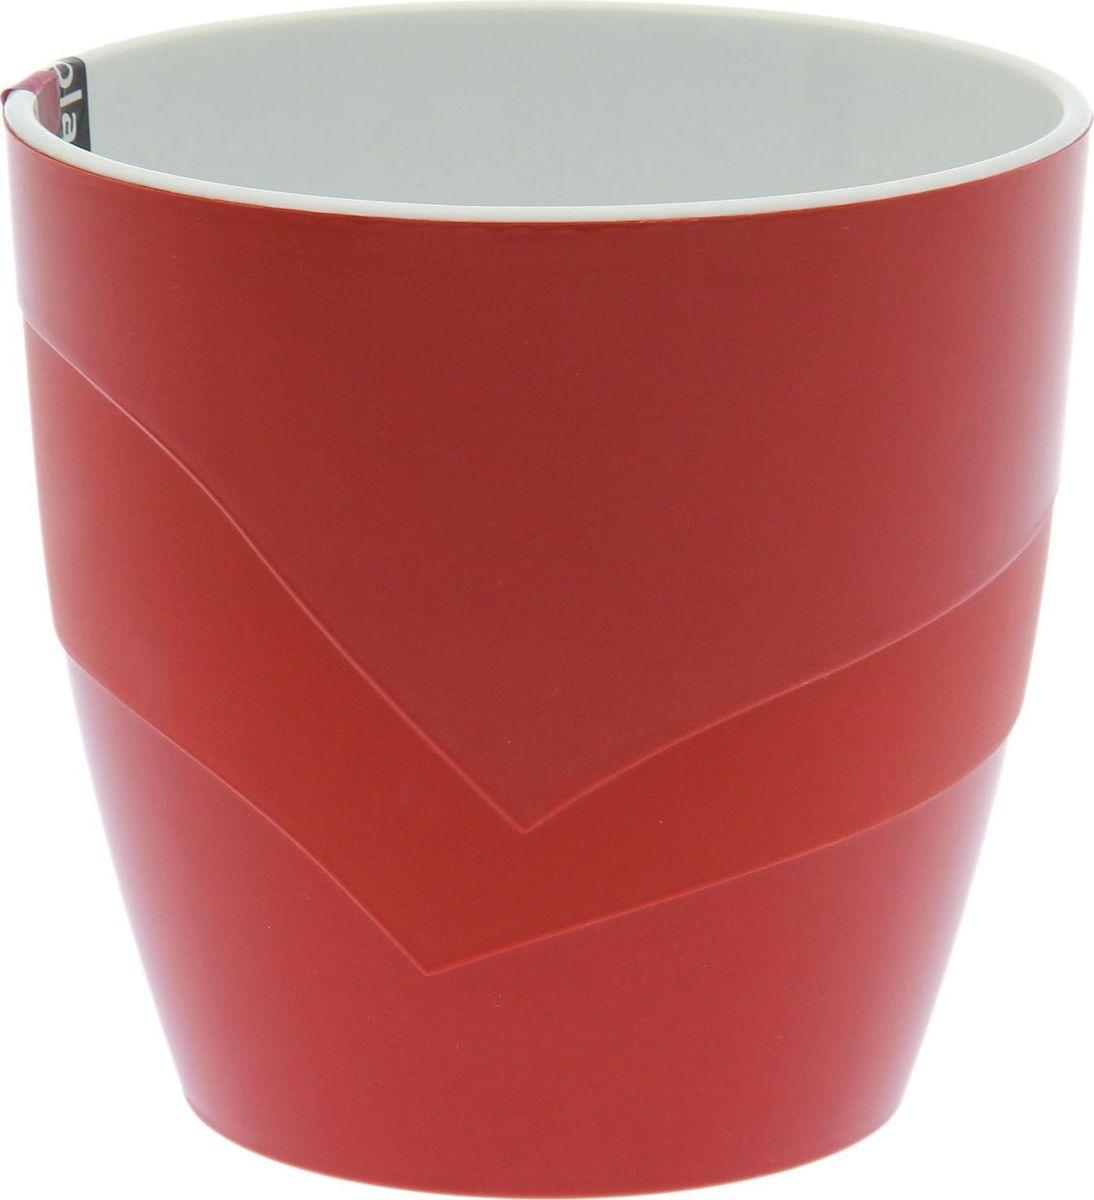 Кашпо JetPlast Грация, цвет: терракотовый, 2 л1694312Декоративное кашпо, выполненное из высококачественного пластика, предназначено для посадки декоративных растений и станет прекрасным украшением для дома. Оригинальное кашпо украсит окружающее пространство и подчеркнет его оригинальный стиль.